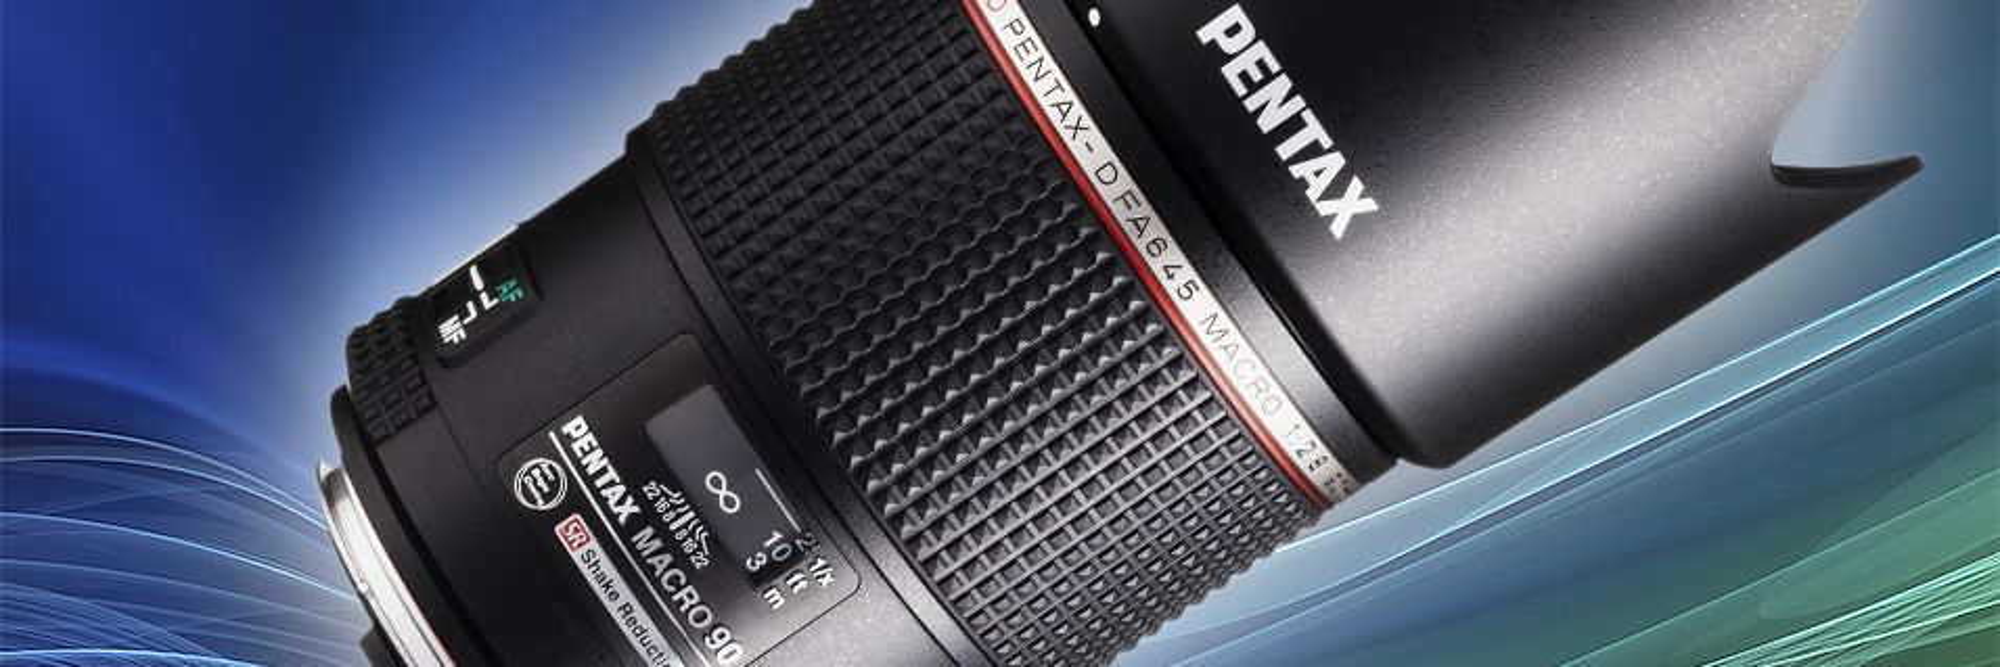 Nytt makro-objektiv til Pentax 645D